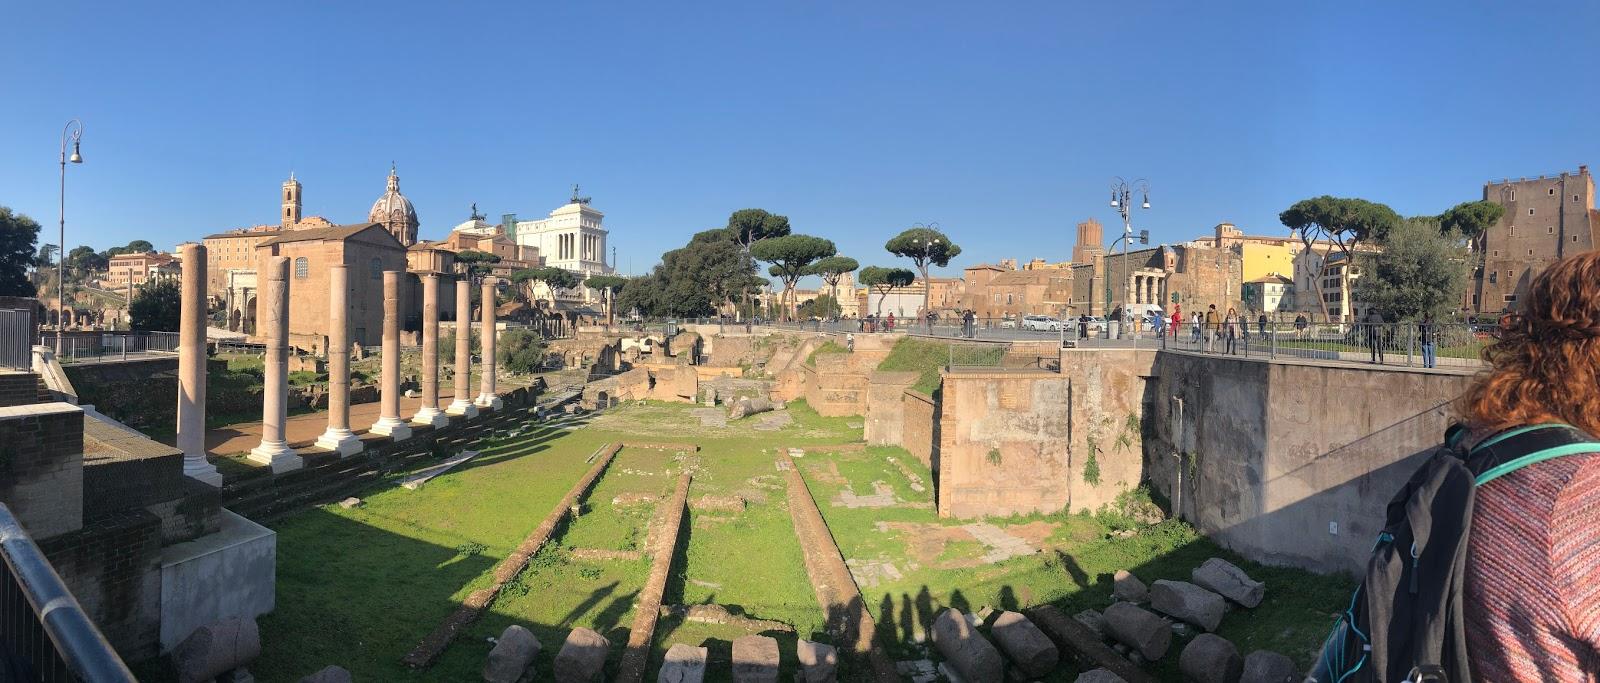 University of Arkansas Office of Study Abroad: Roman Forum